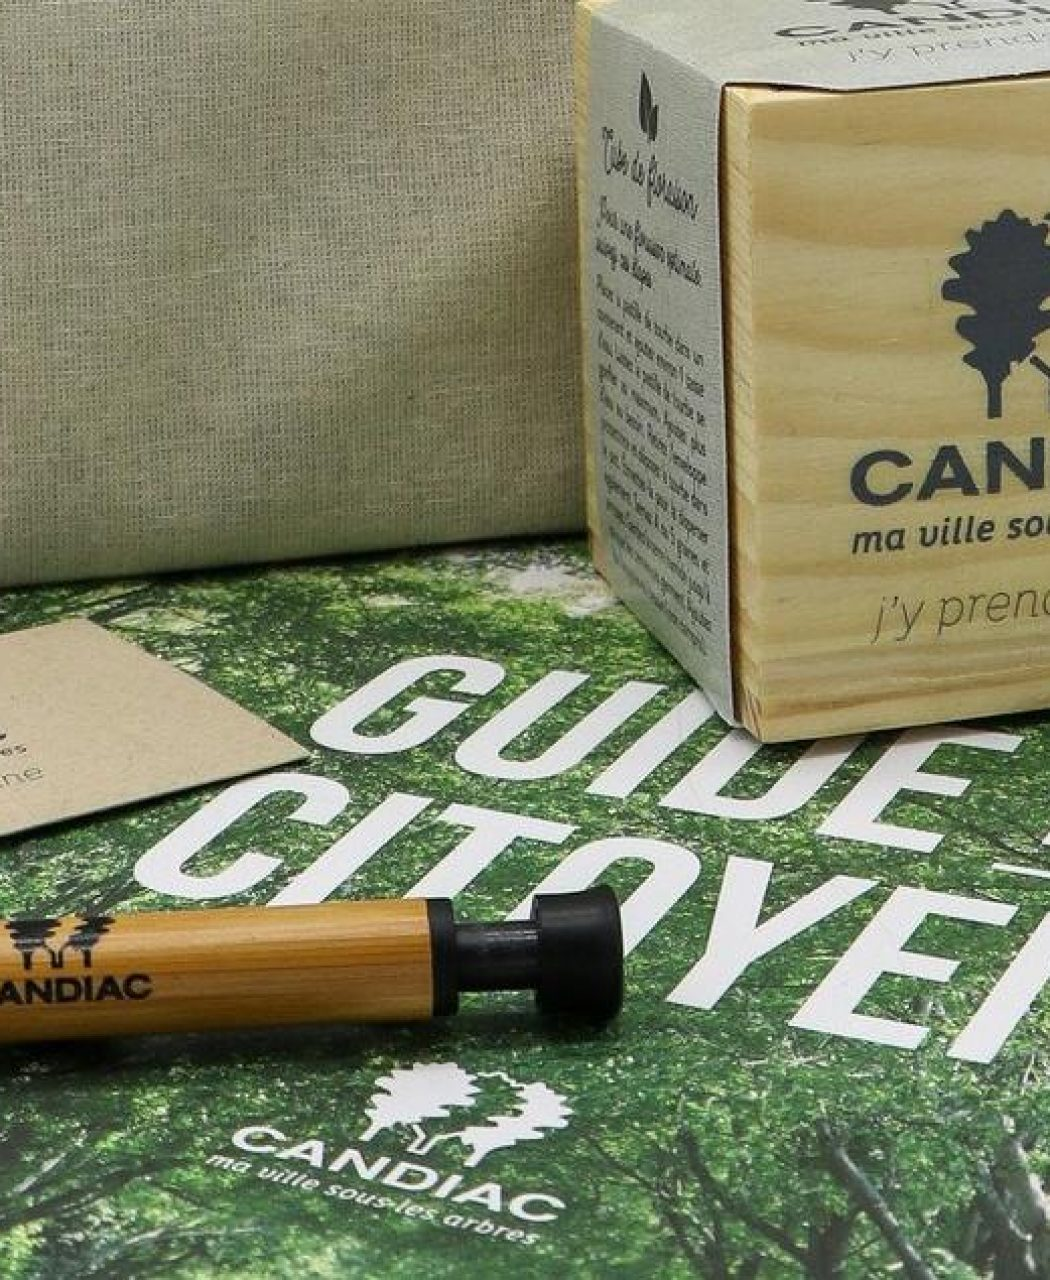 Kit_accueil_Candiac